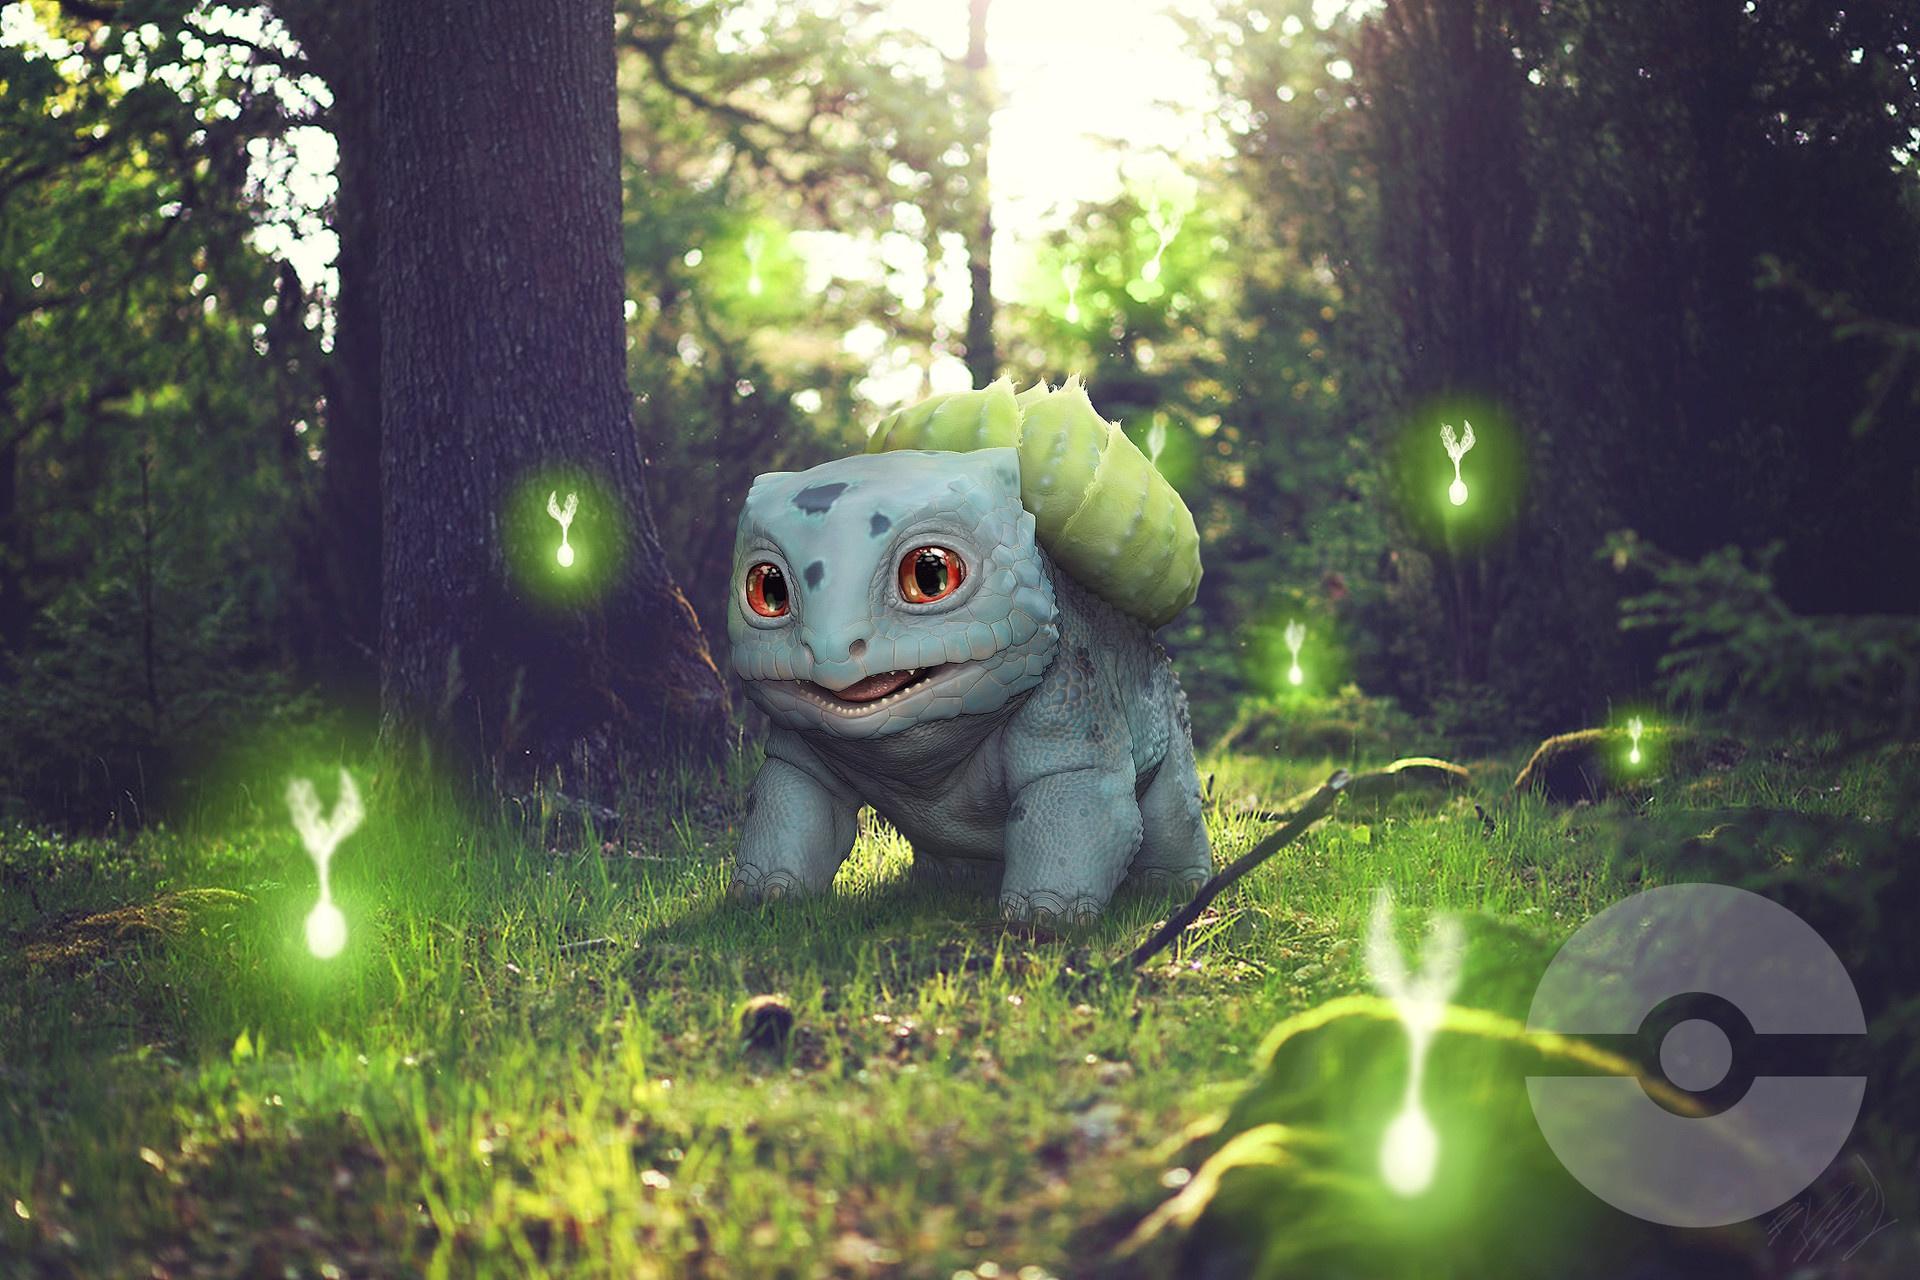 Bulbasaur Pokemon Pokemon 1920x1280